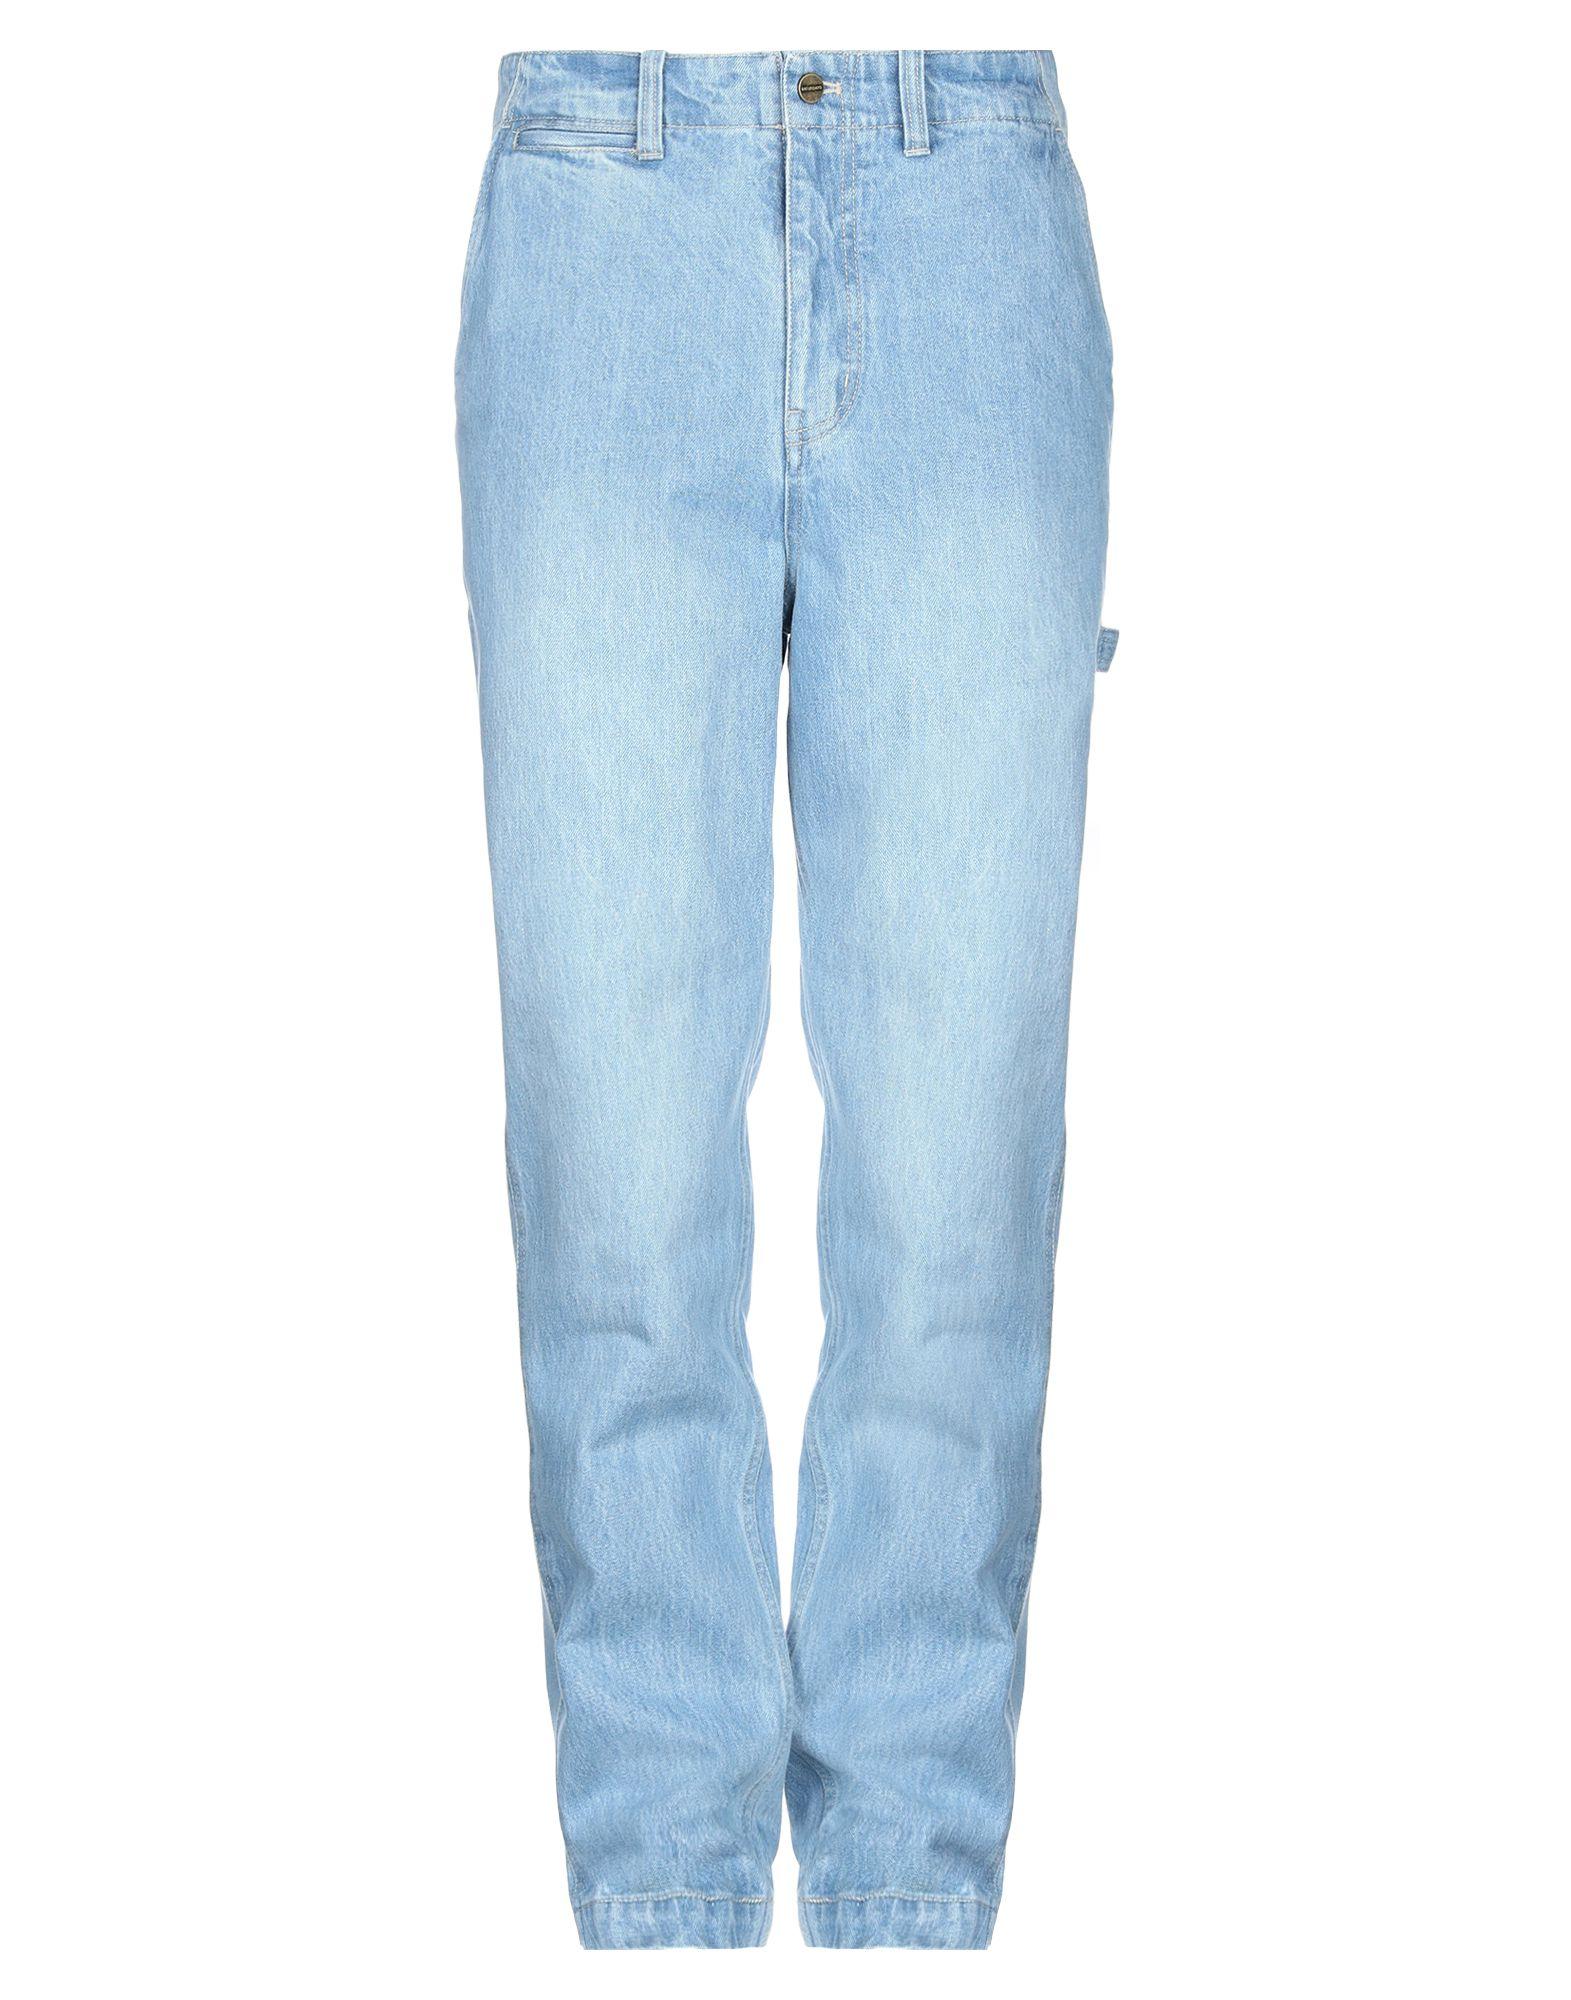 SATURDAYS NEW YORK CITY Джинсовые брюки недорого